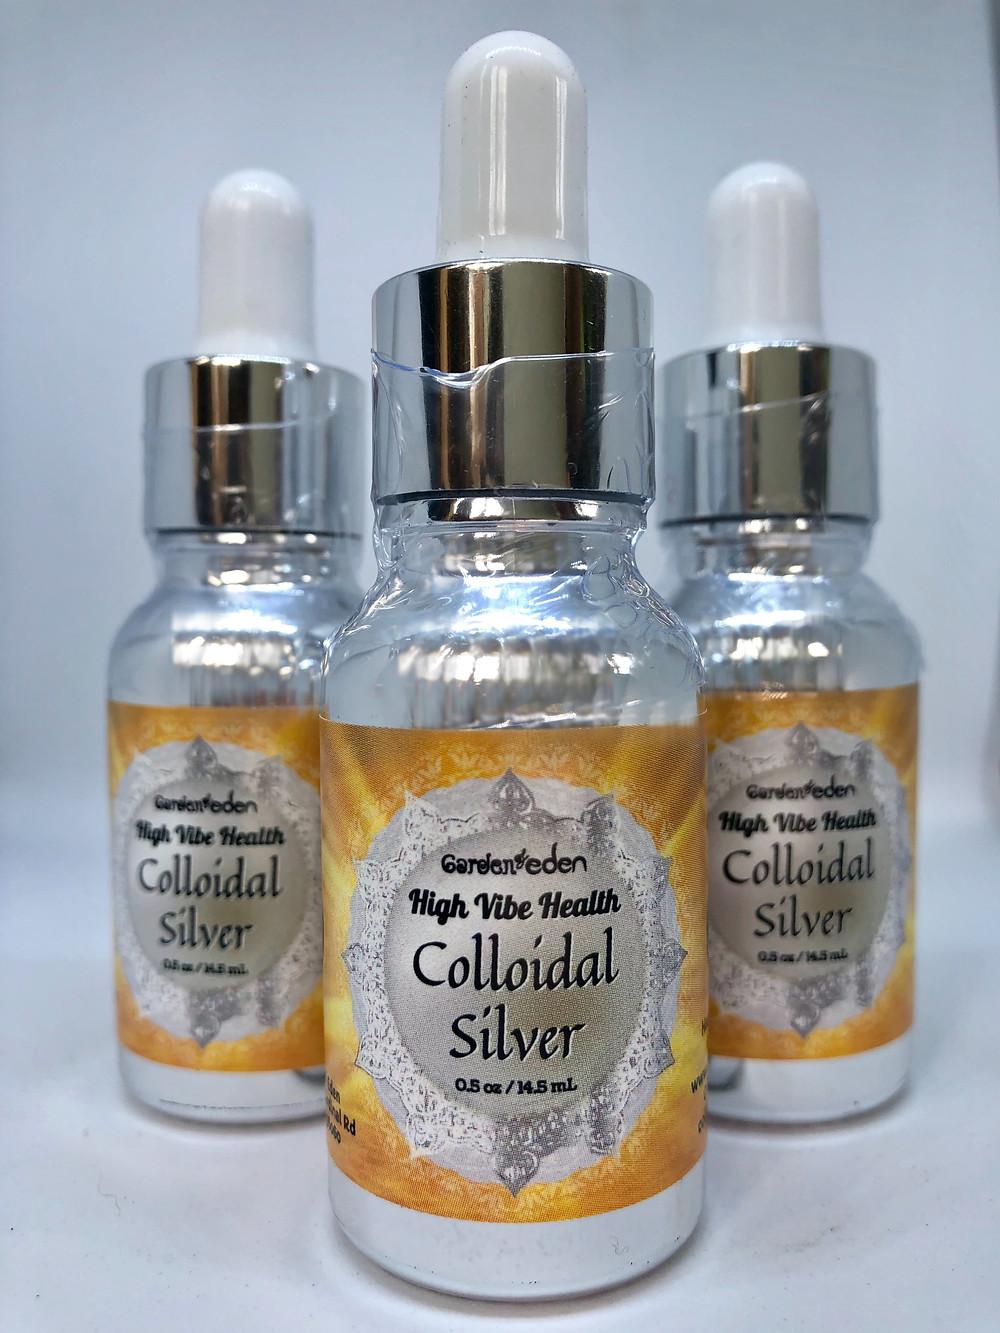 Garden of Eden Colloidal Silver